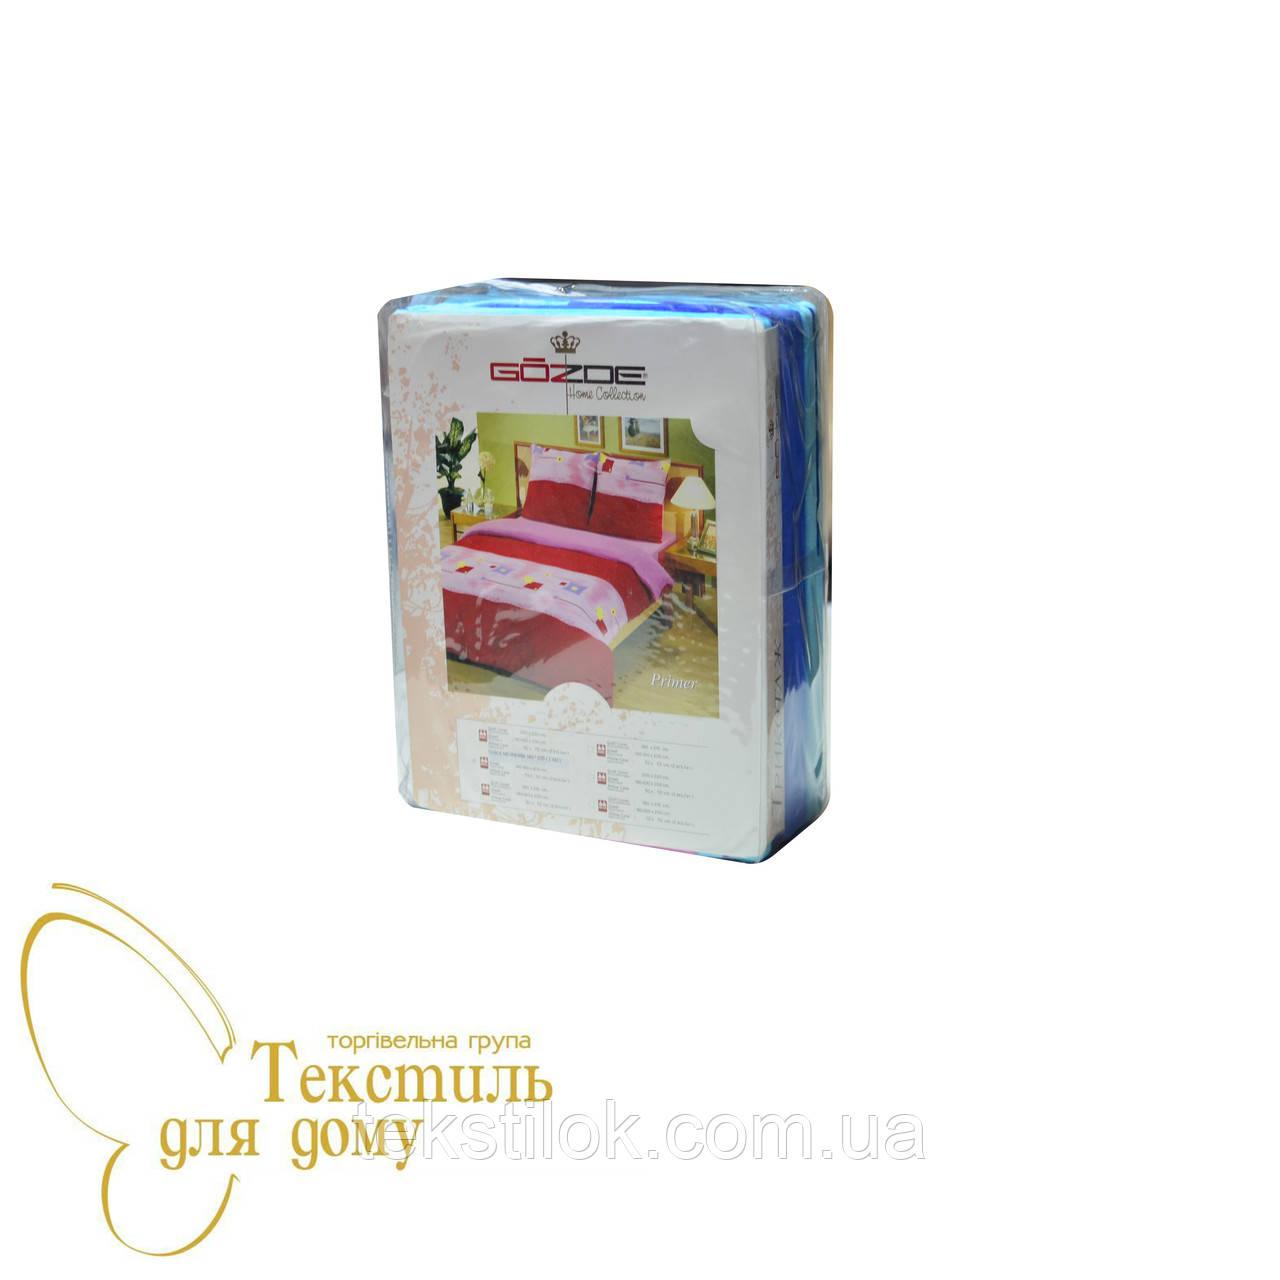 Комплект постельного белья трикотажный GOZDE Primer